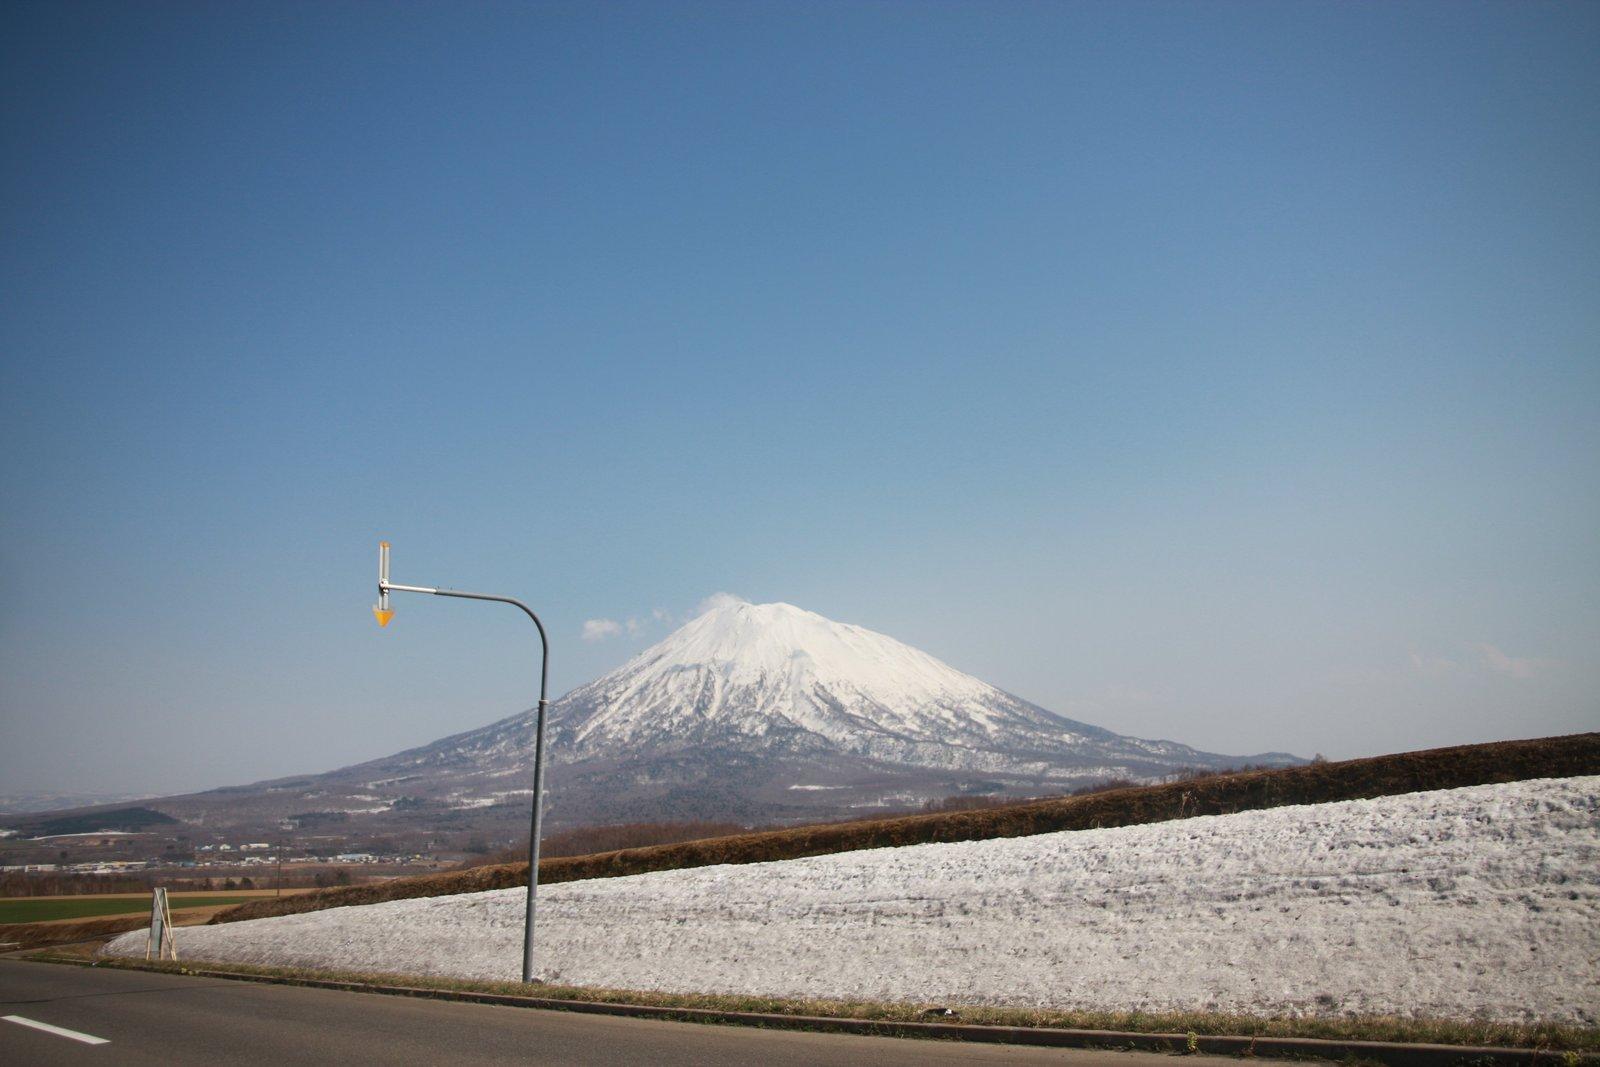 倶知安町花園地区から見る羊蹄山